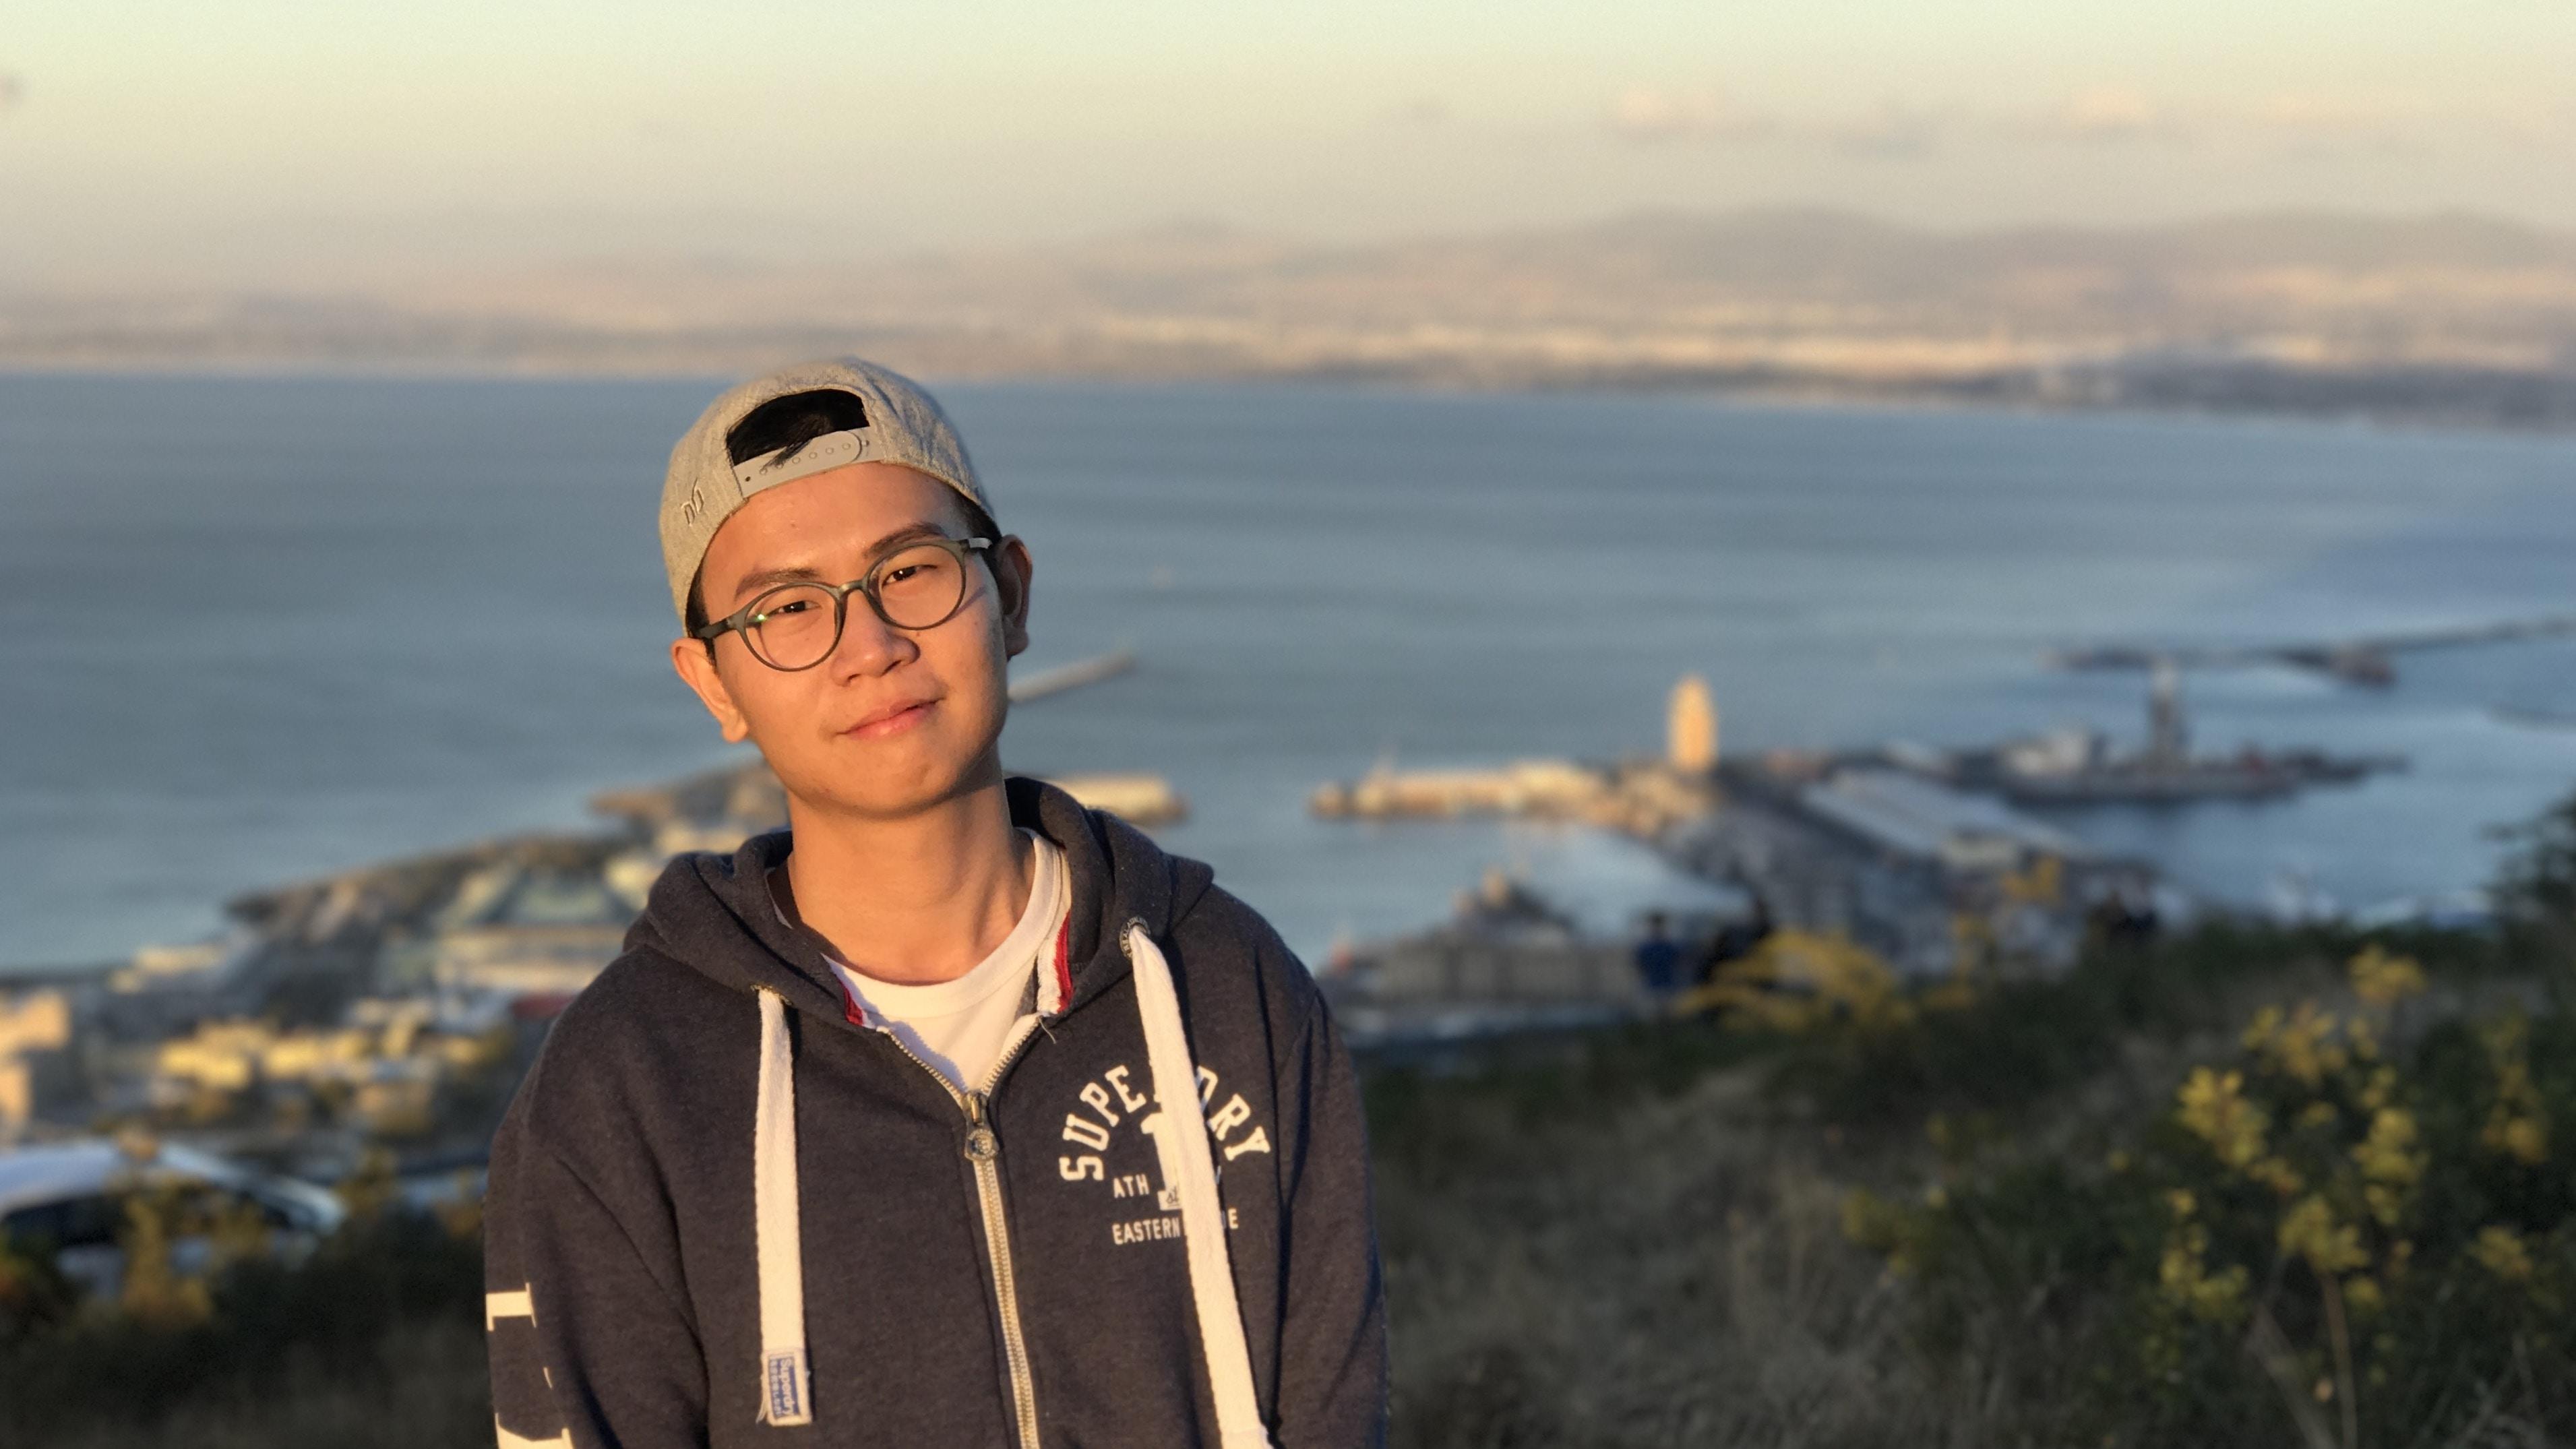 Go to KK Zhang's profile